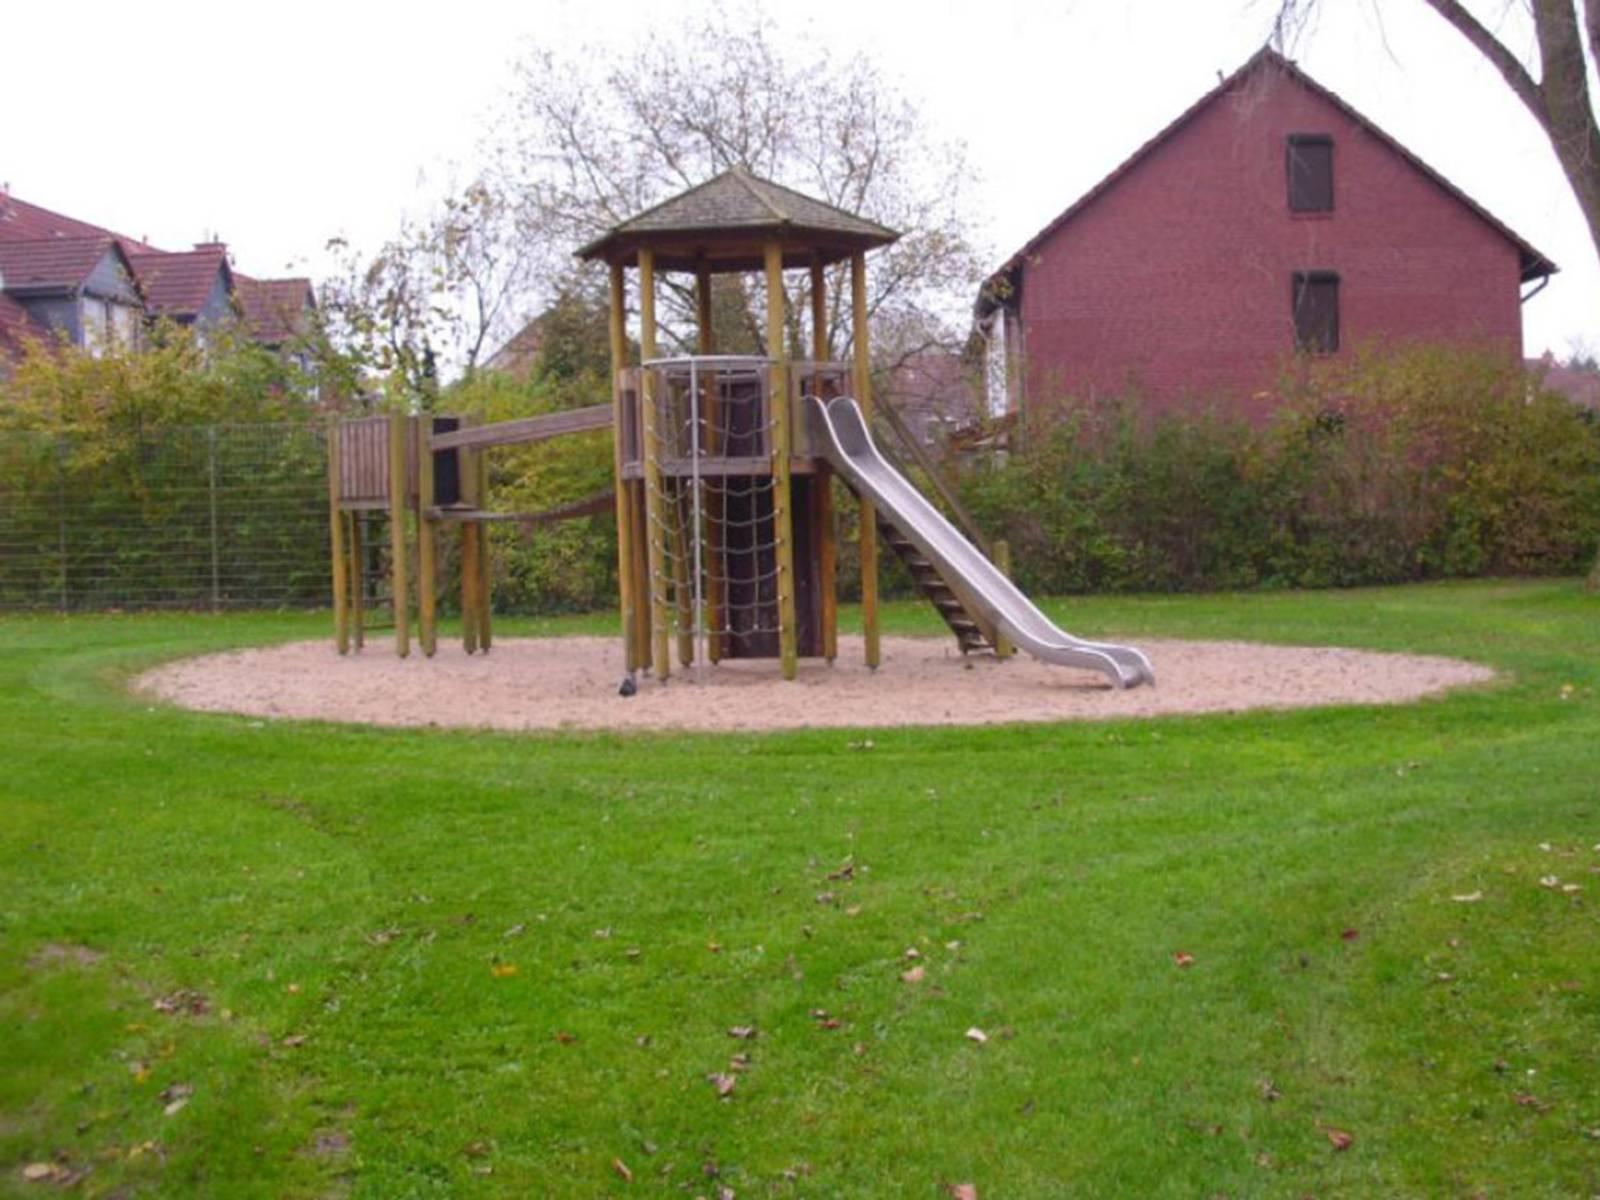 Ein Holzturm mit Klettermöglichkeit und Rutsche auf dem Spielplatz Emslandstraße